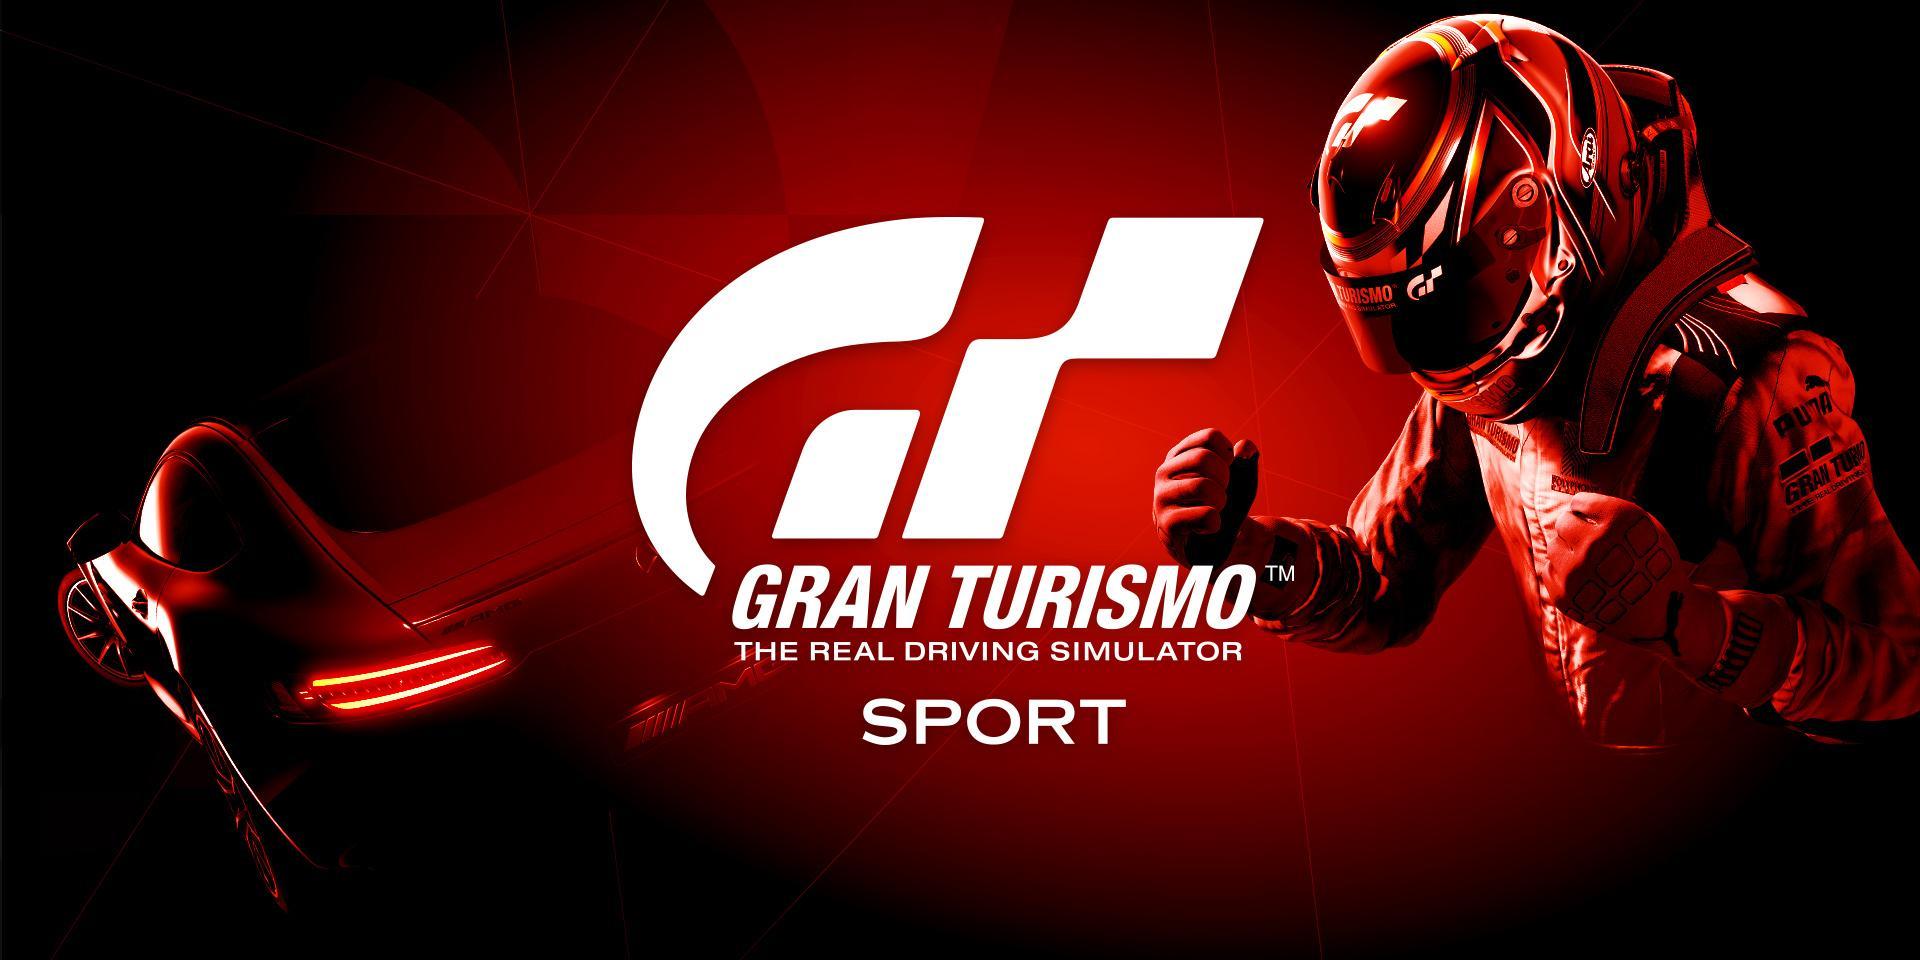 Portada de Gran Turismo Sport